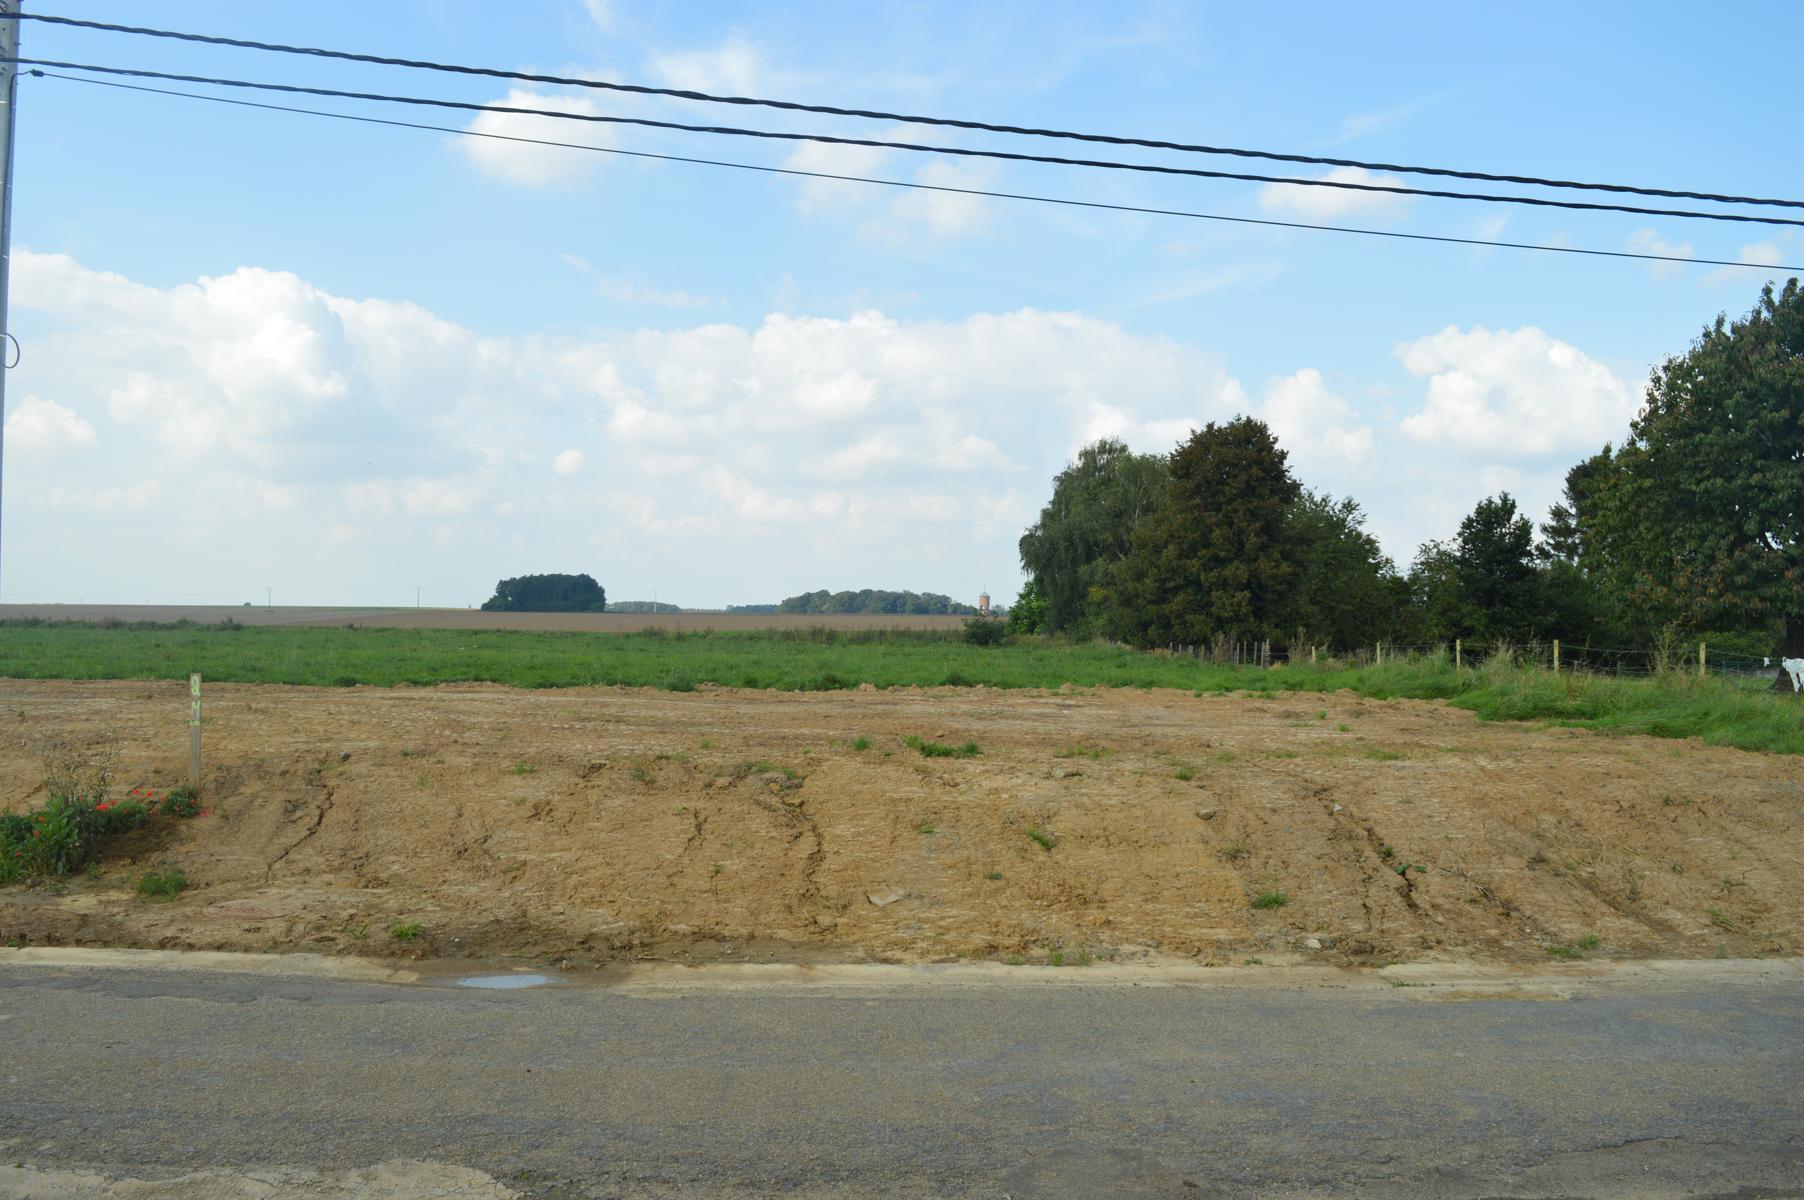 Terrain à bâtir - Villersle-Bouillet Vauxet-Borset - #4518334-2